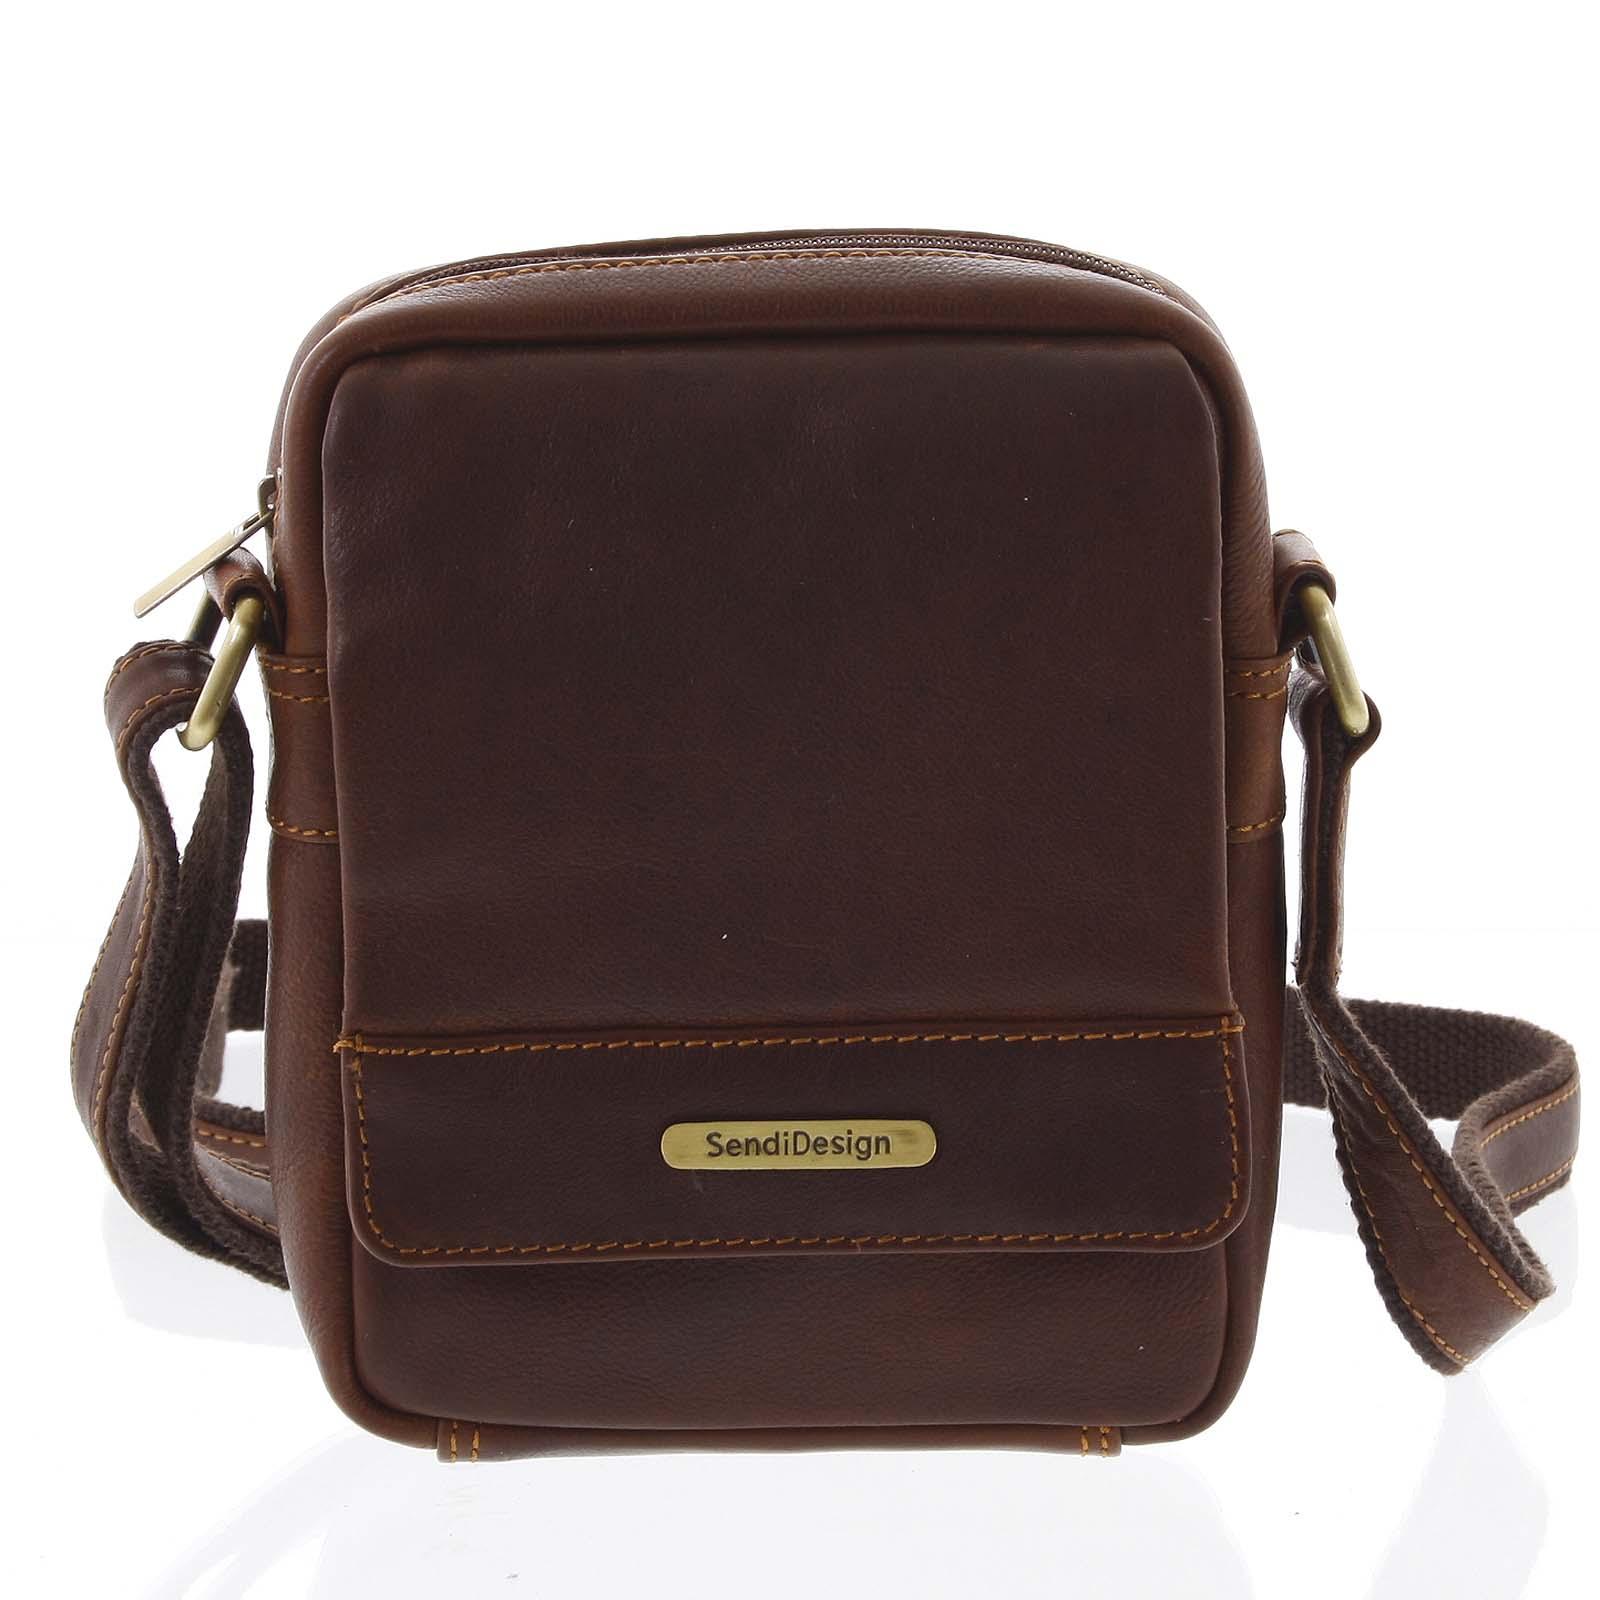 Hnedá luxusná pánska kožená crossbody taška - SendiDesign Khalil